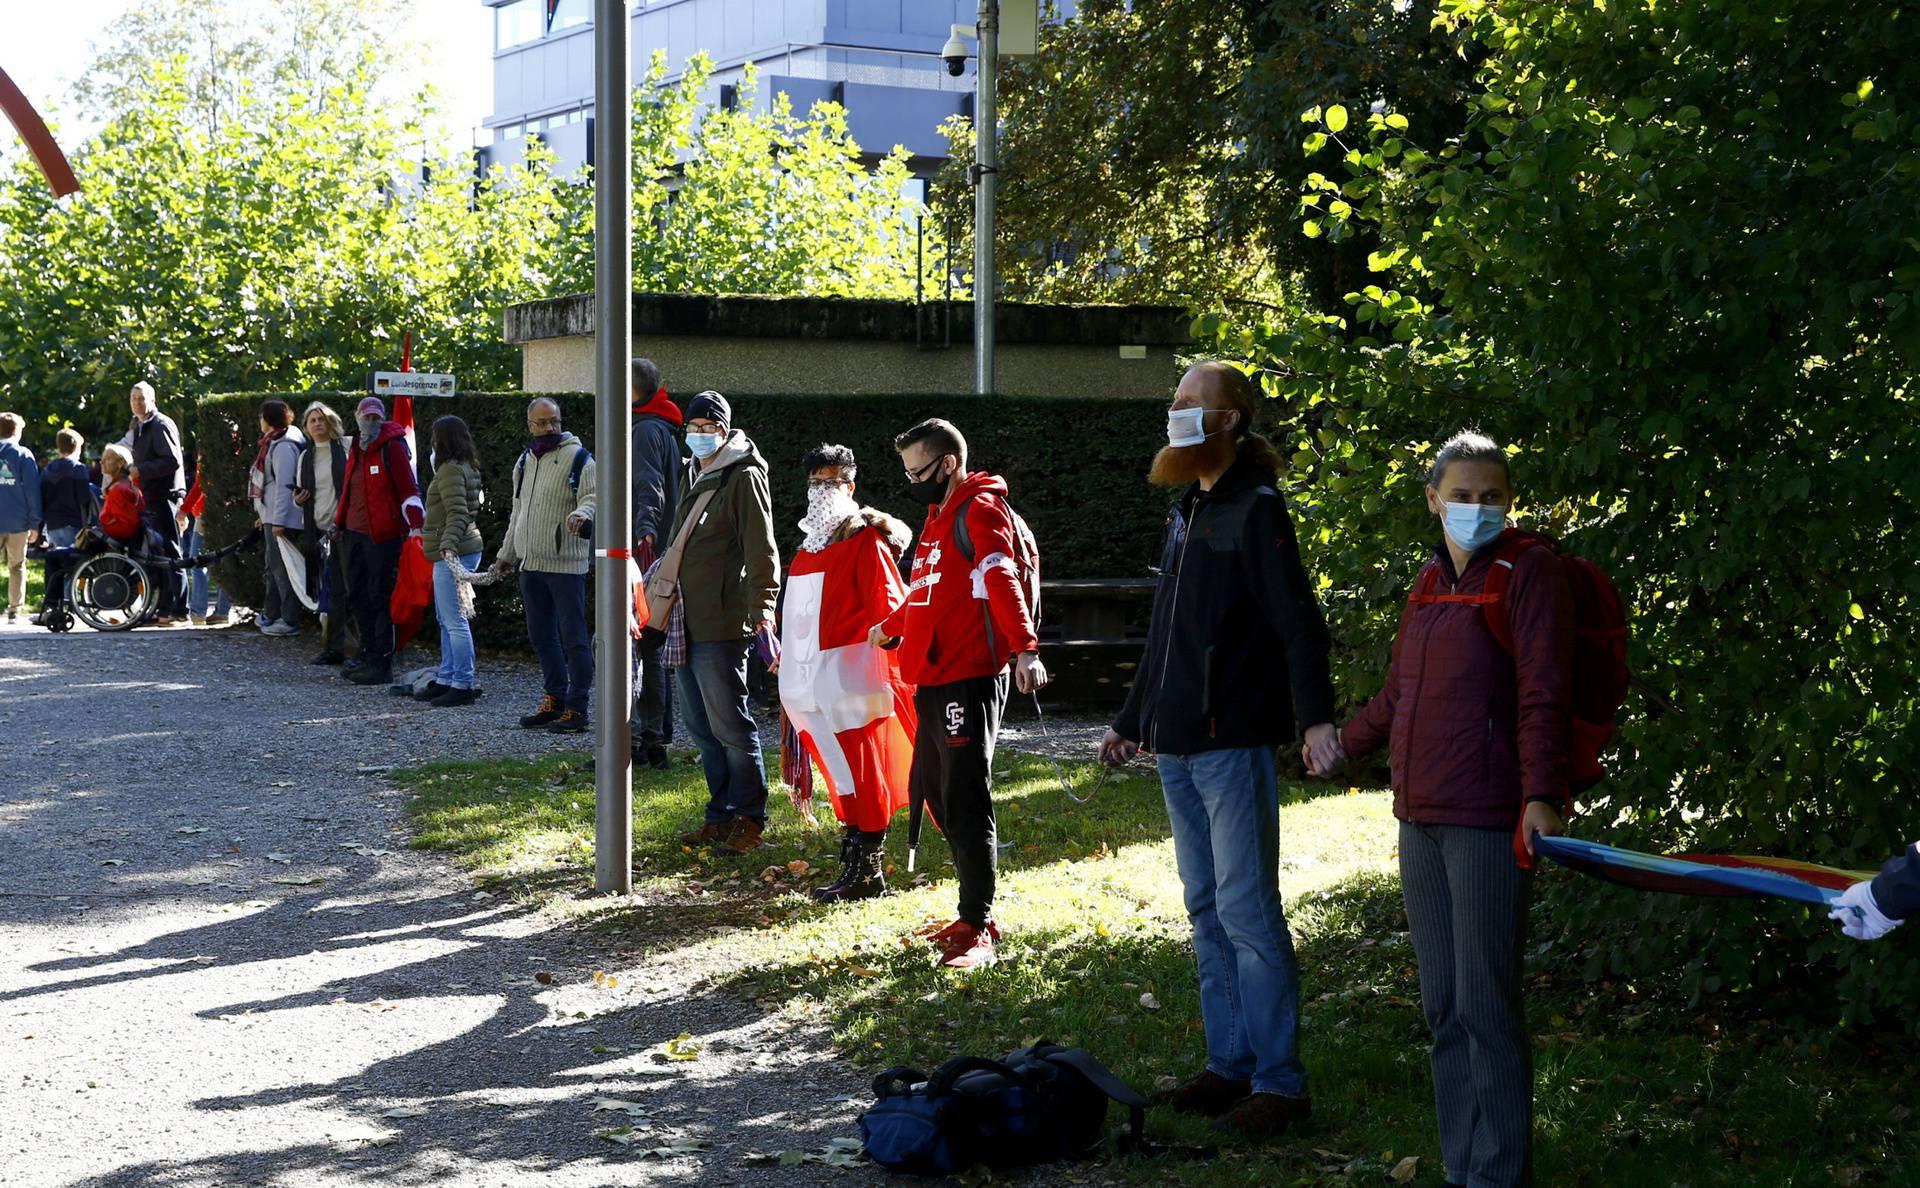 Tisuće ljudi formirali ljudski lanac na švicarskoj granici